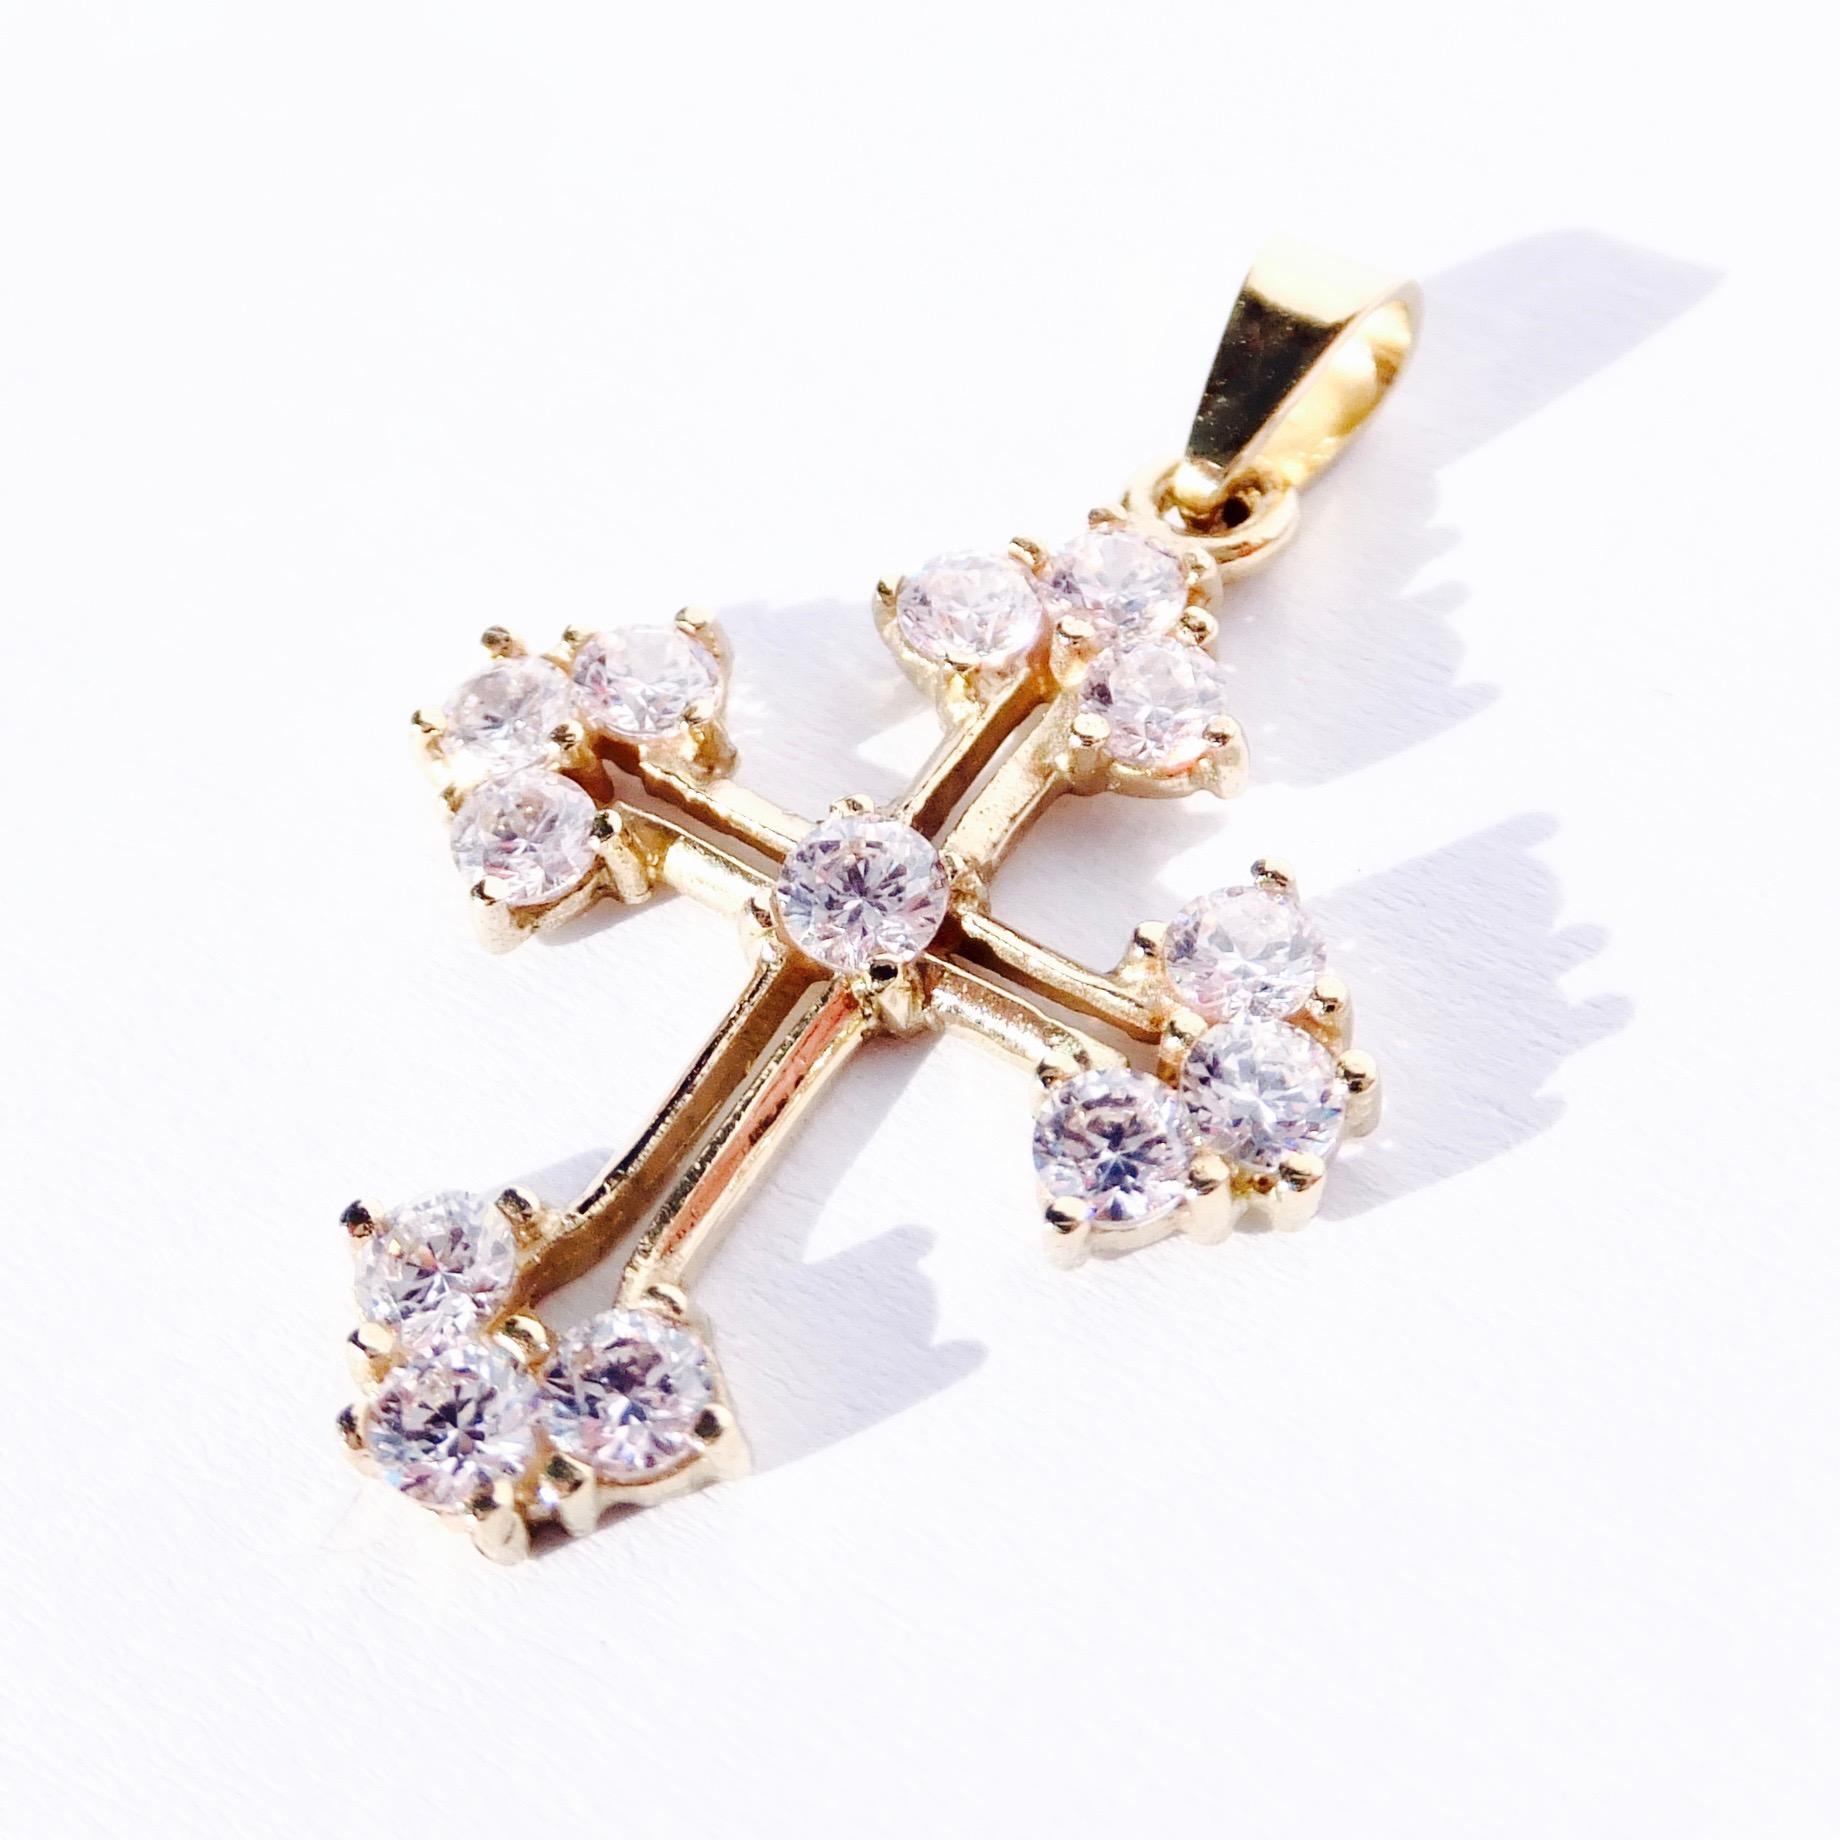 Každý náš šperk je něčím zajímavým a rozhodně udělá radost. Věříme d8ce3884086